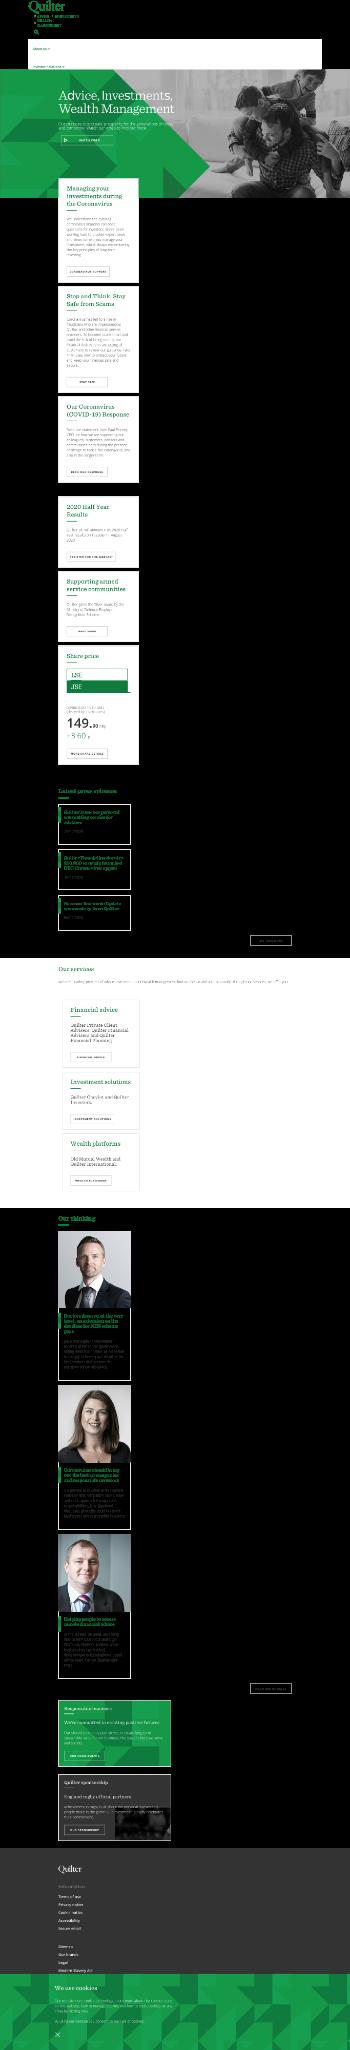 Quilter plc Website Screenshot